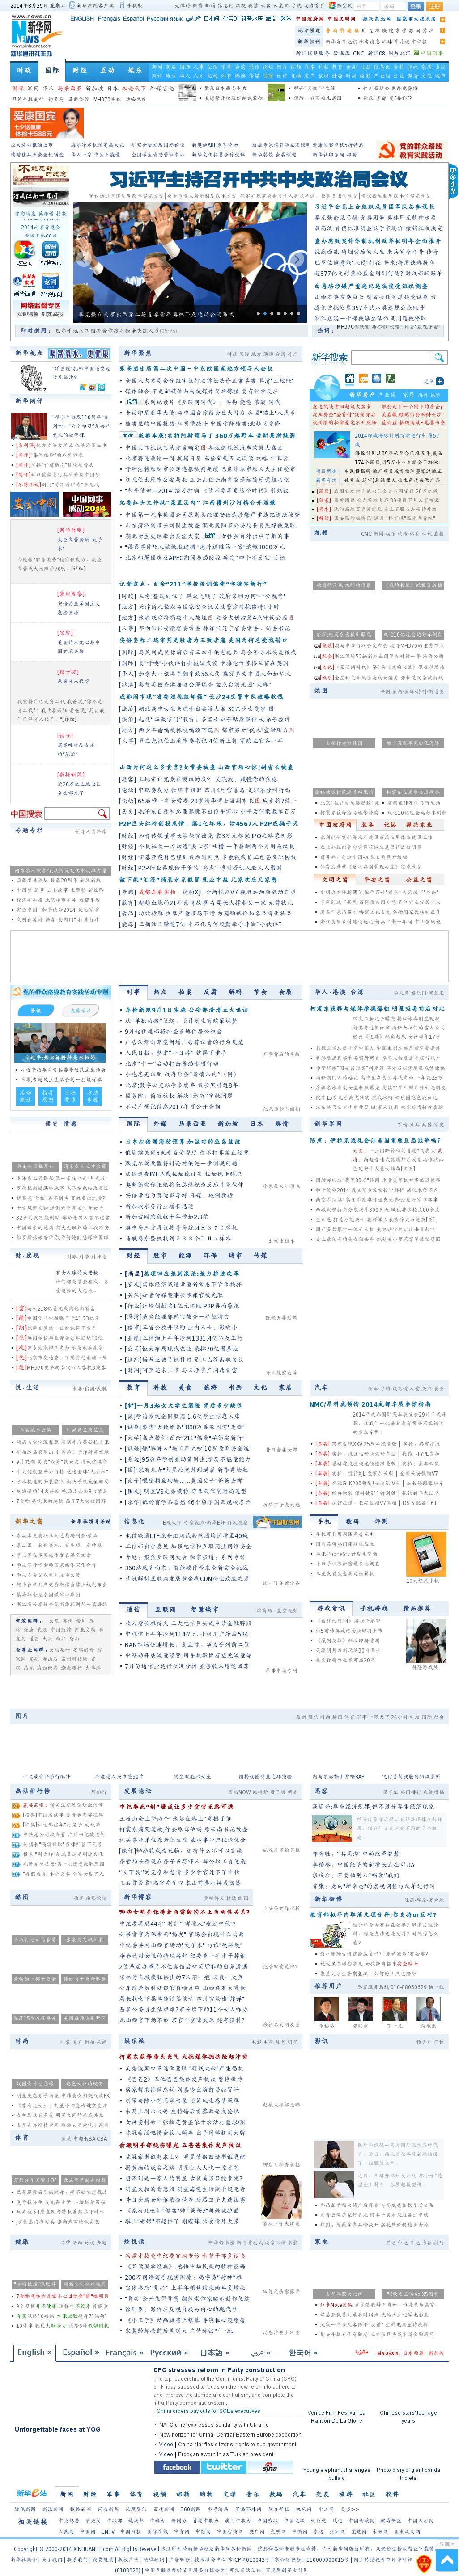 Xinhua at Friday Aug. 29, 2014, 10:19 p.m. UTC